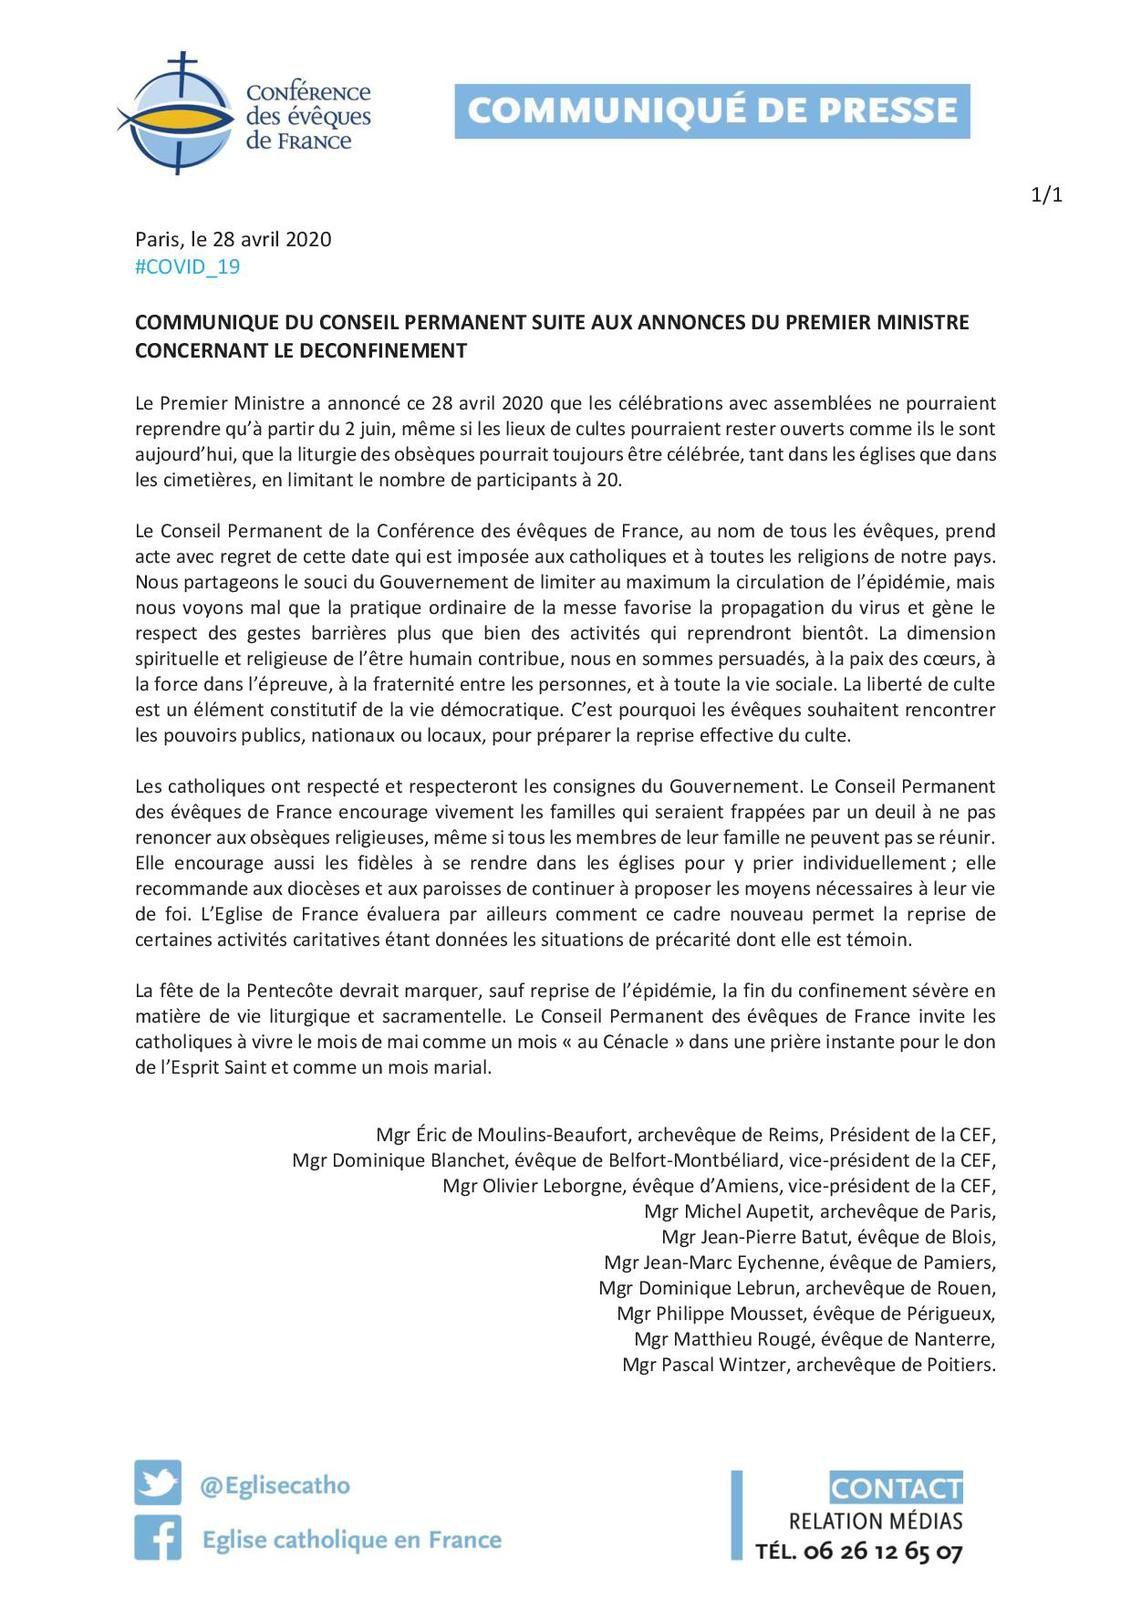 Suite aux annonces du Premier Ministre concernant le déconfinement les évêques de France réagissent.